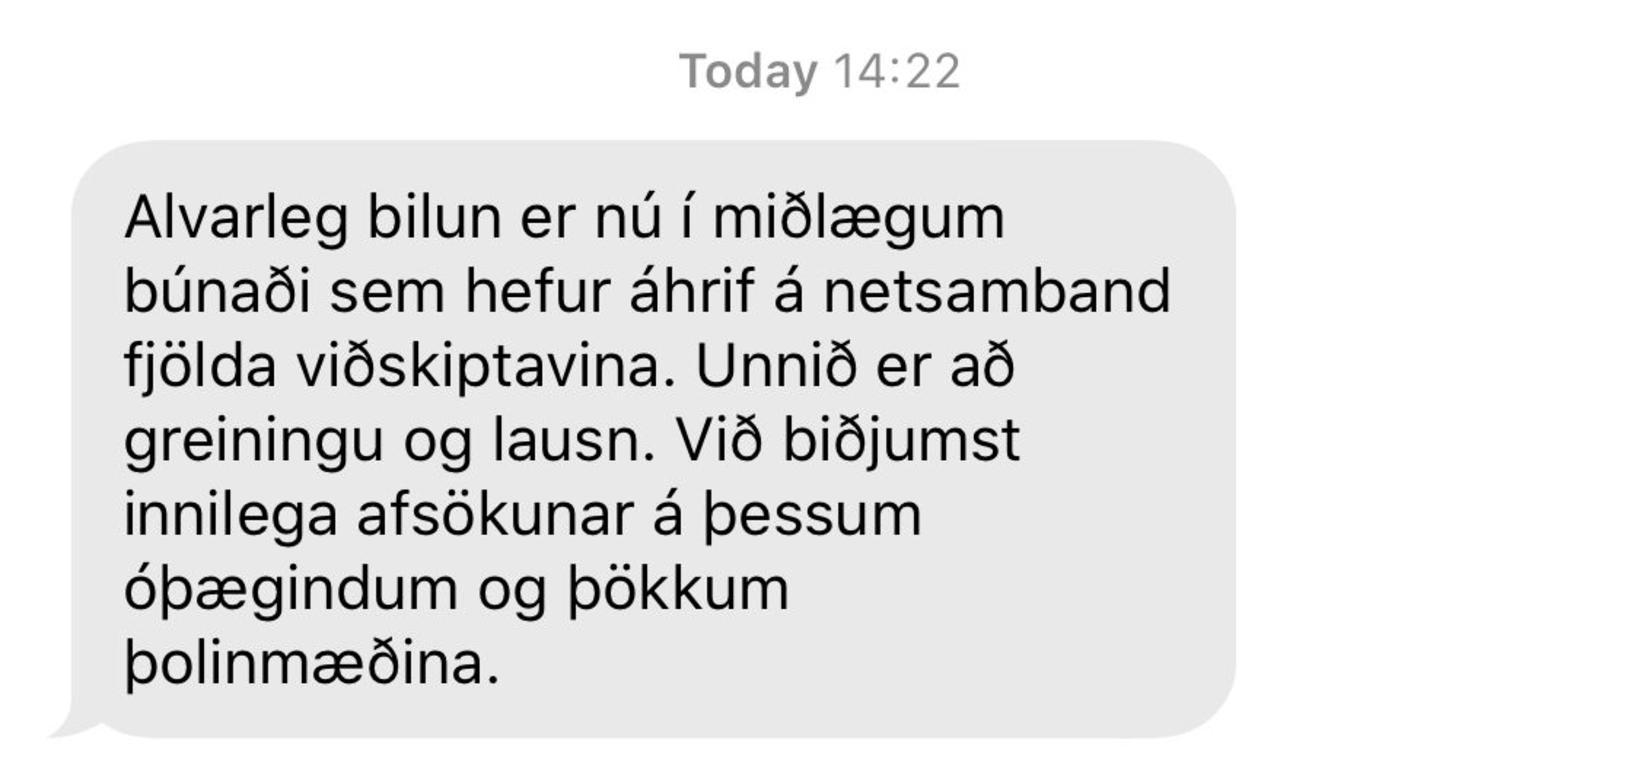 Skilaboð sem voru send á notendur Hringdu.